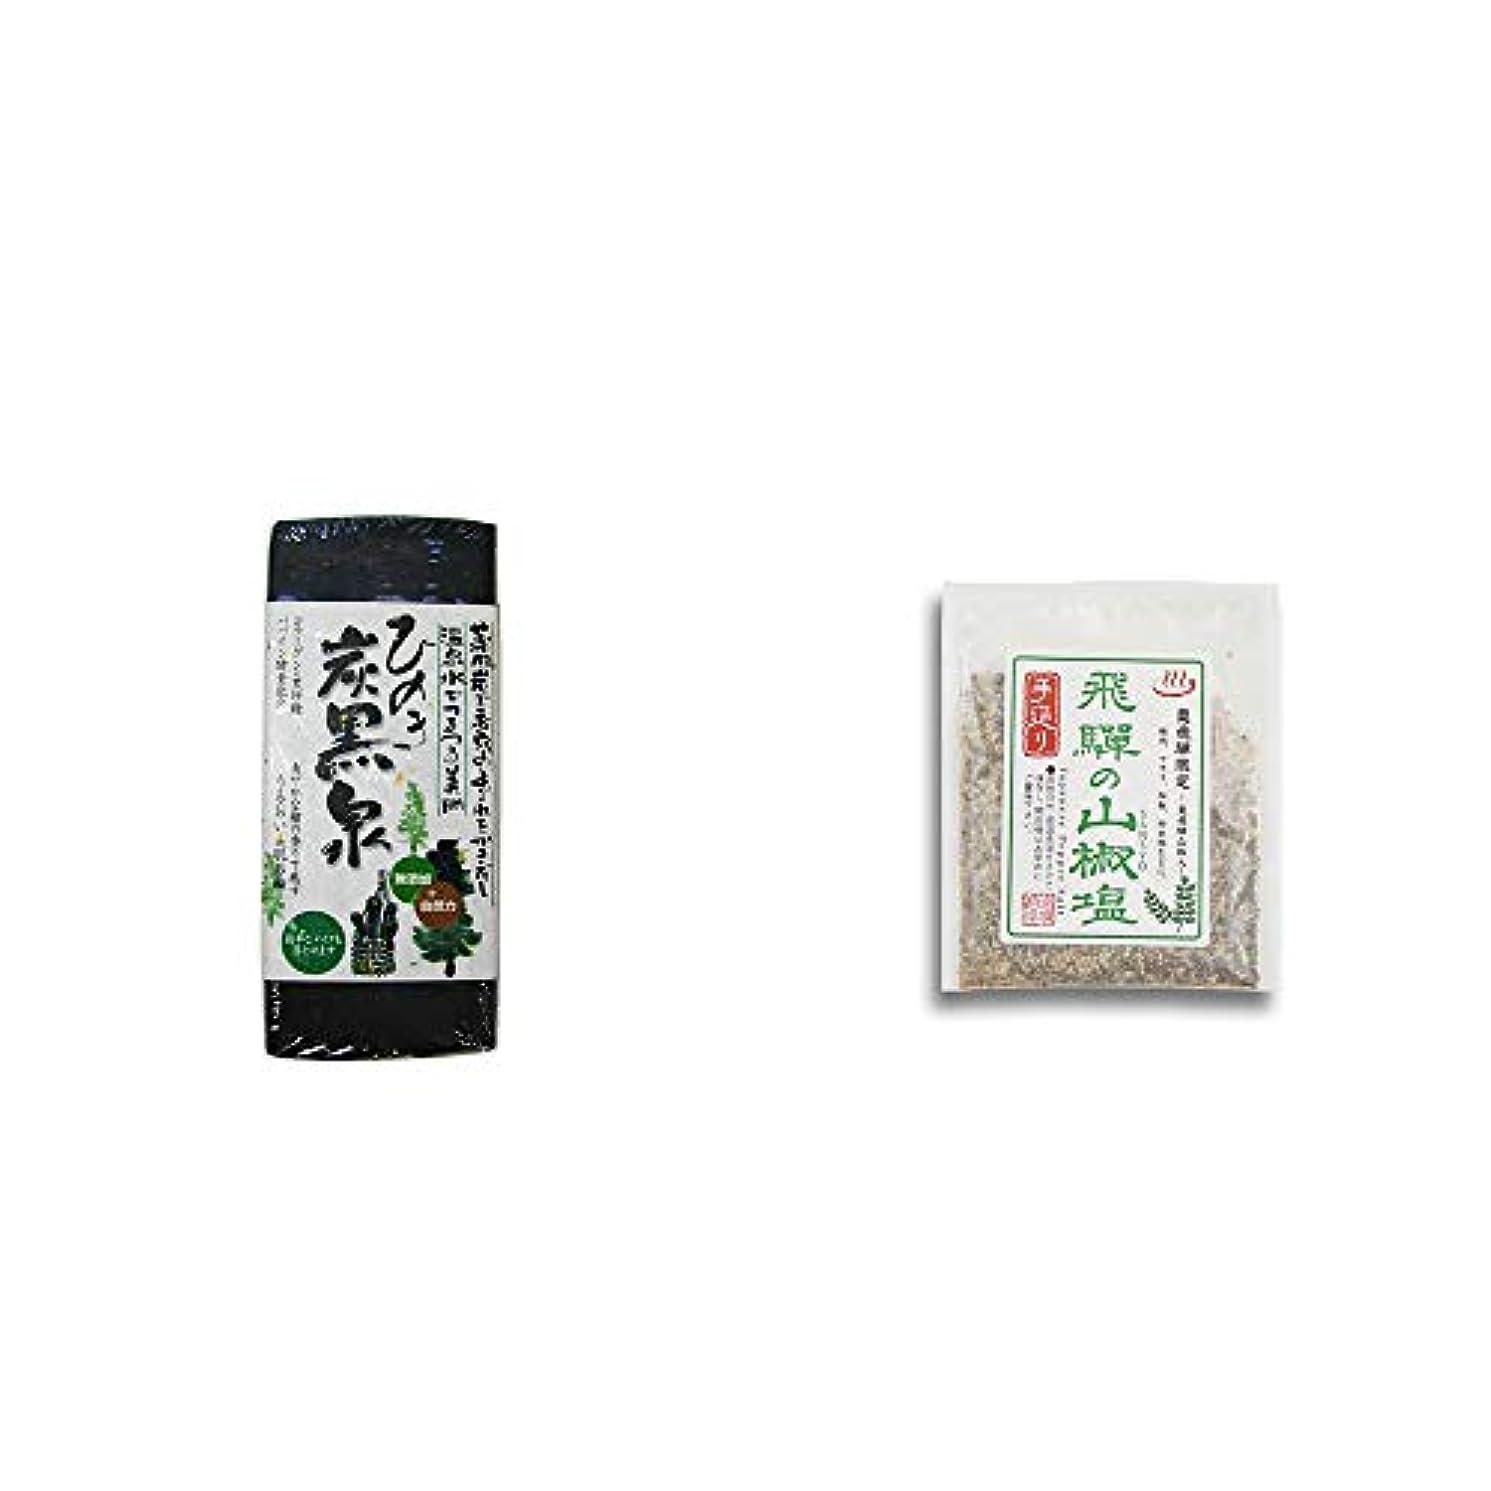 突然の下向き粗い[2点セット] ひのき炭黒泉(75g×2)?手造り 飛騨の山椒塩(40g)